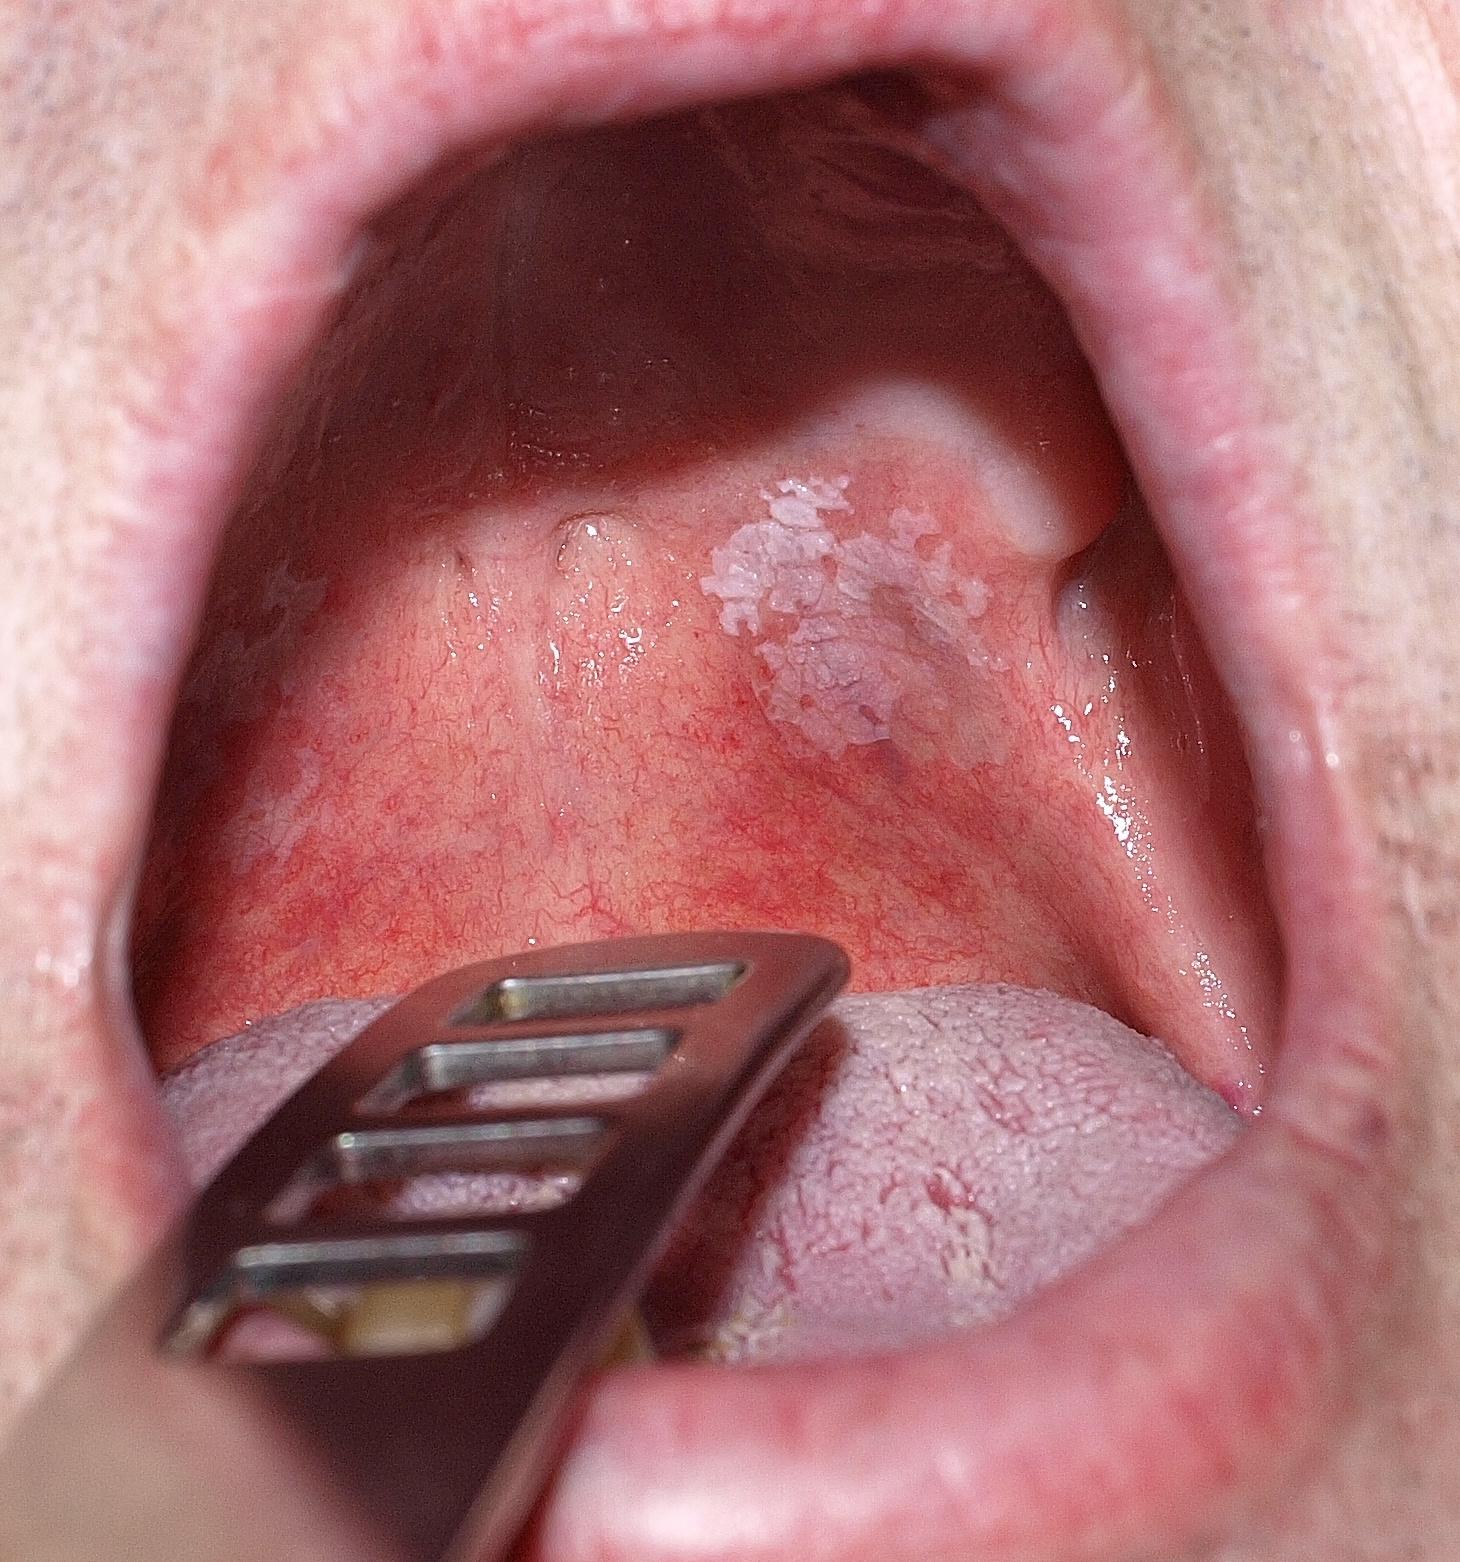 papillomavírus szájkép